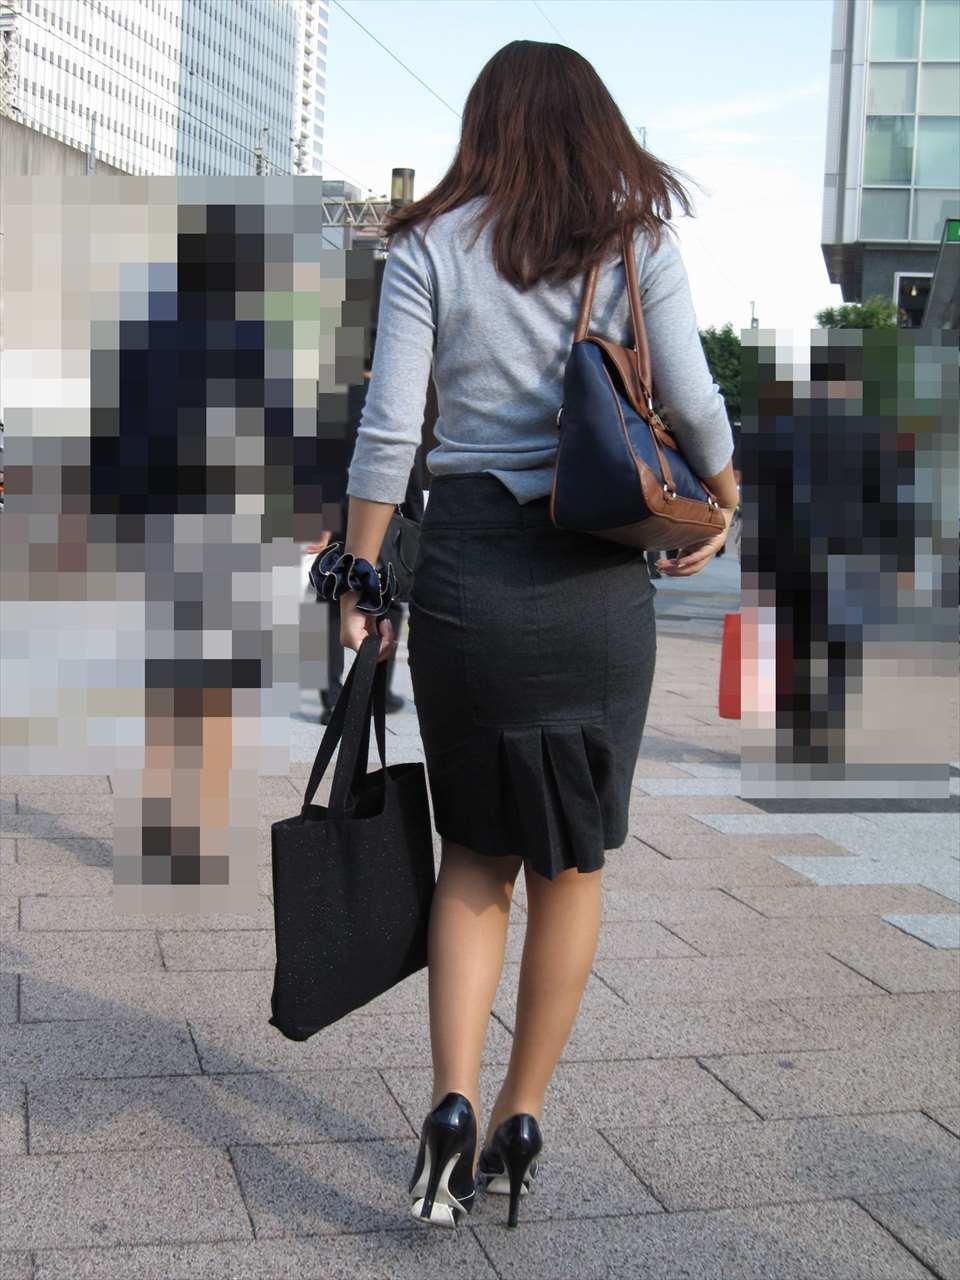 タイトスカートお尻の街撮り素人エロ画像15